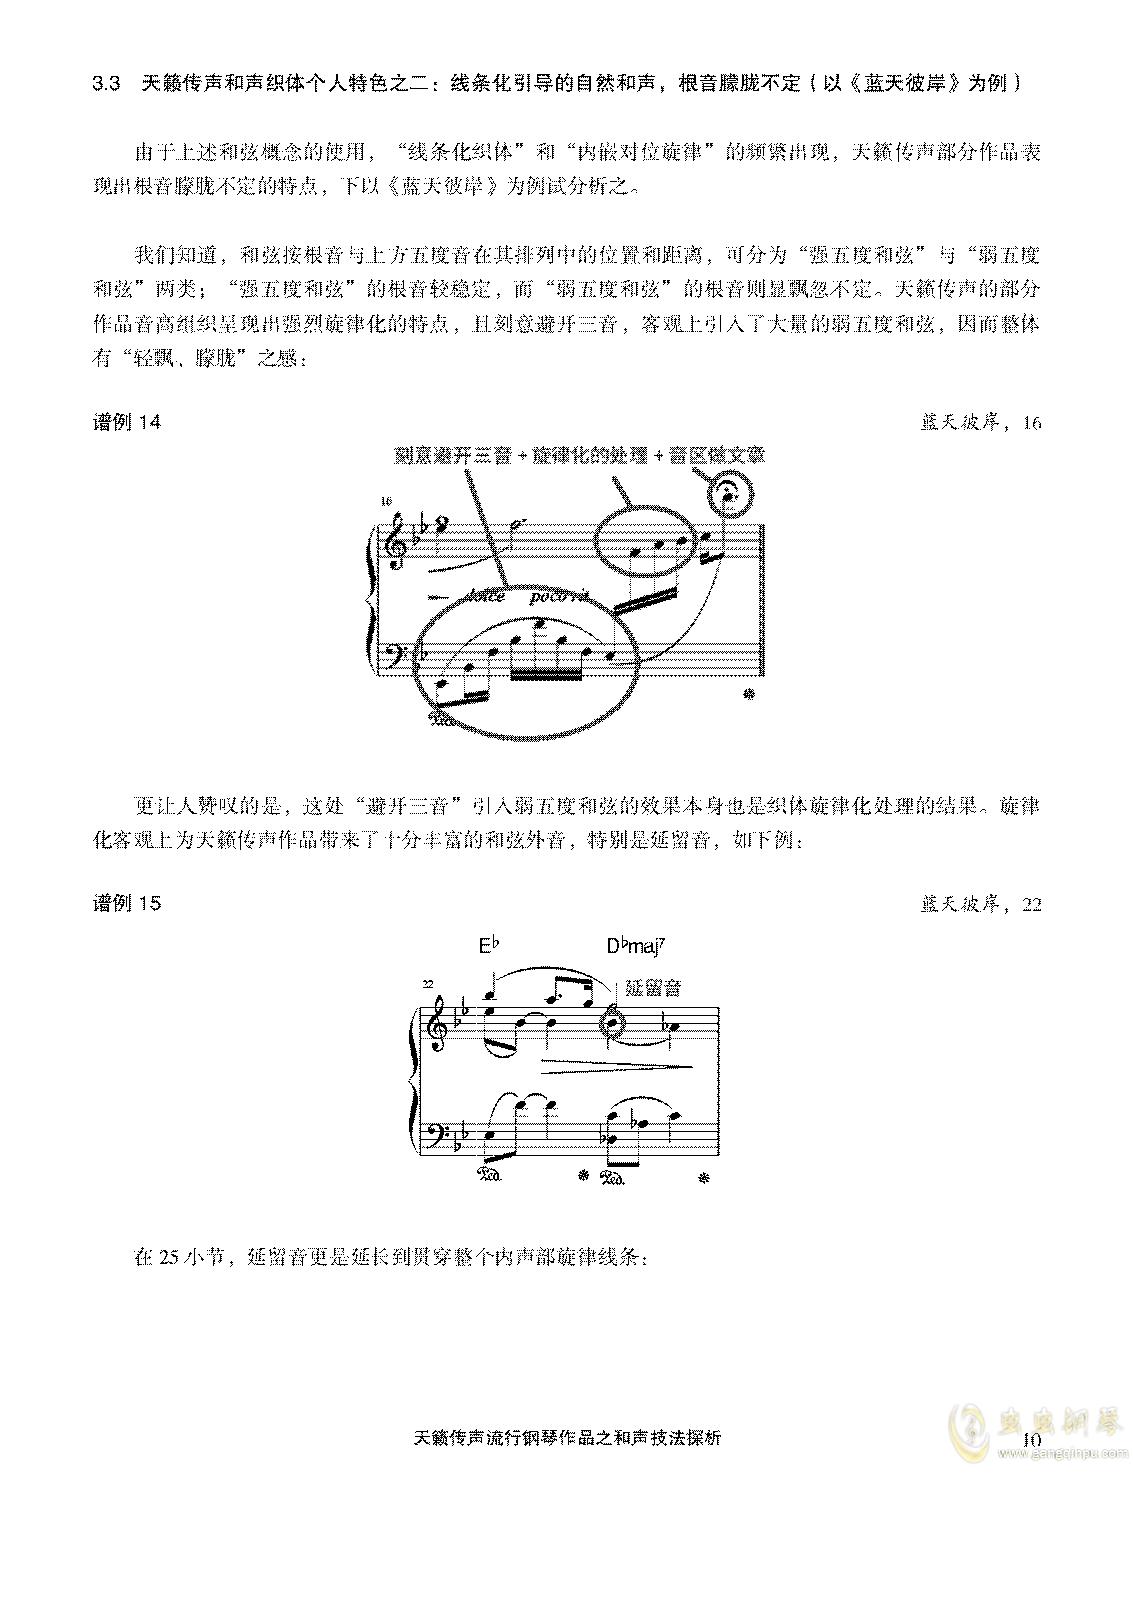 天籁传声和声技法探析澳门星际官网 第10页